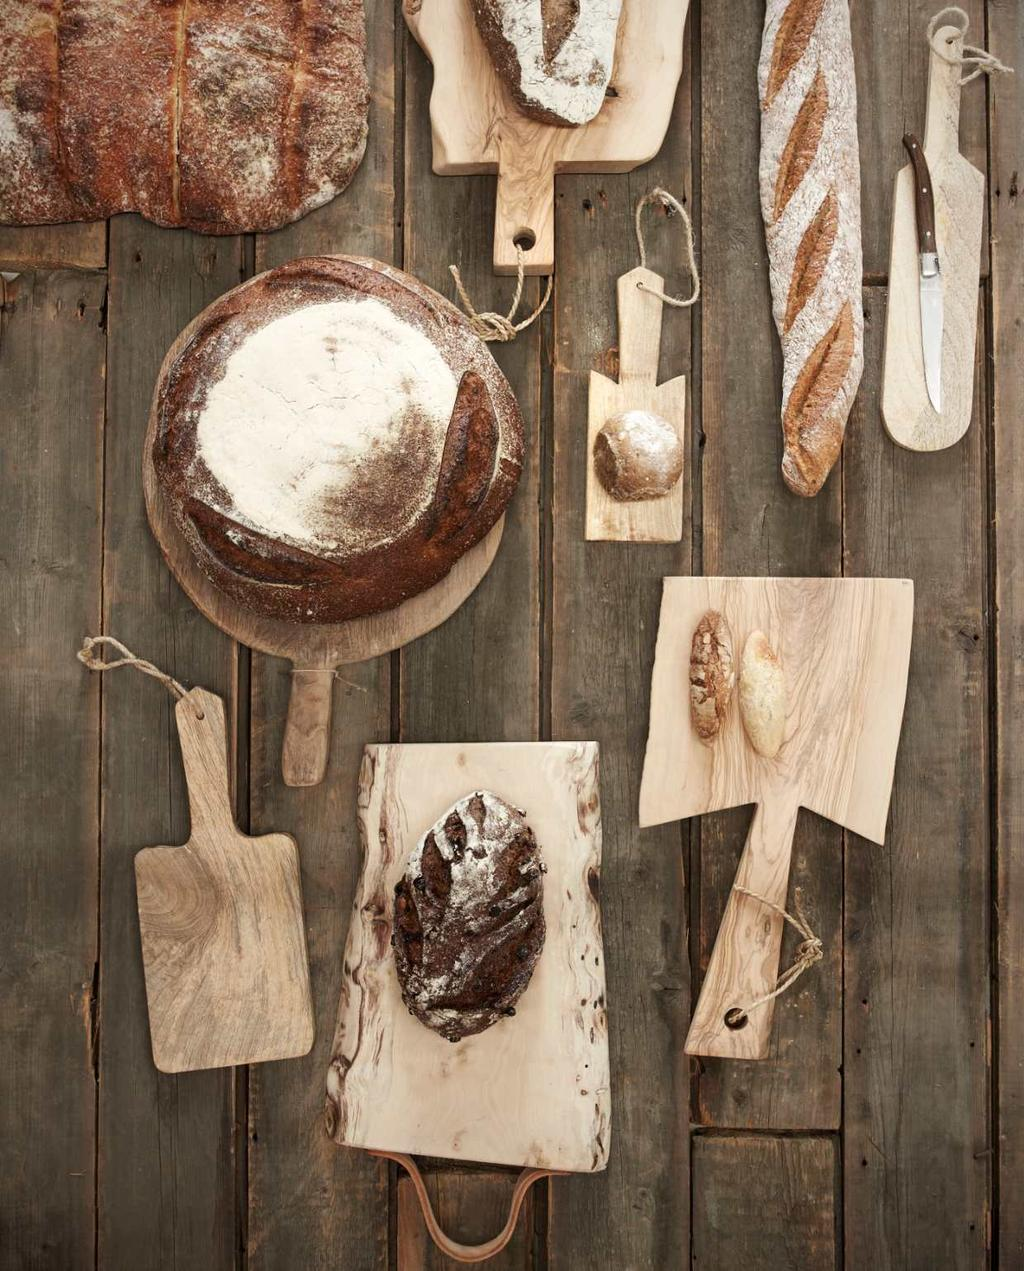 broodplanken | brood bakken